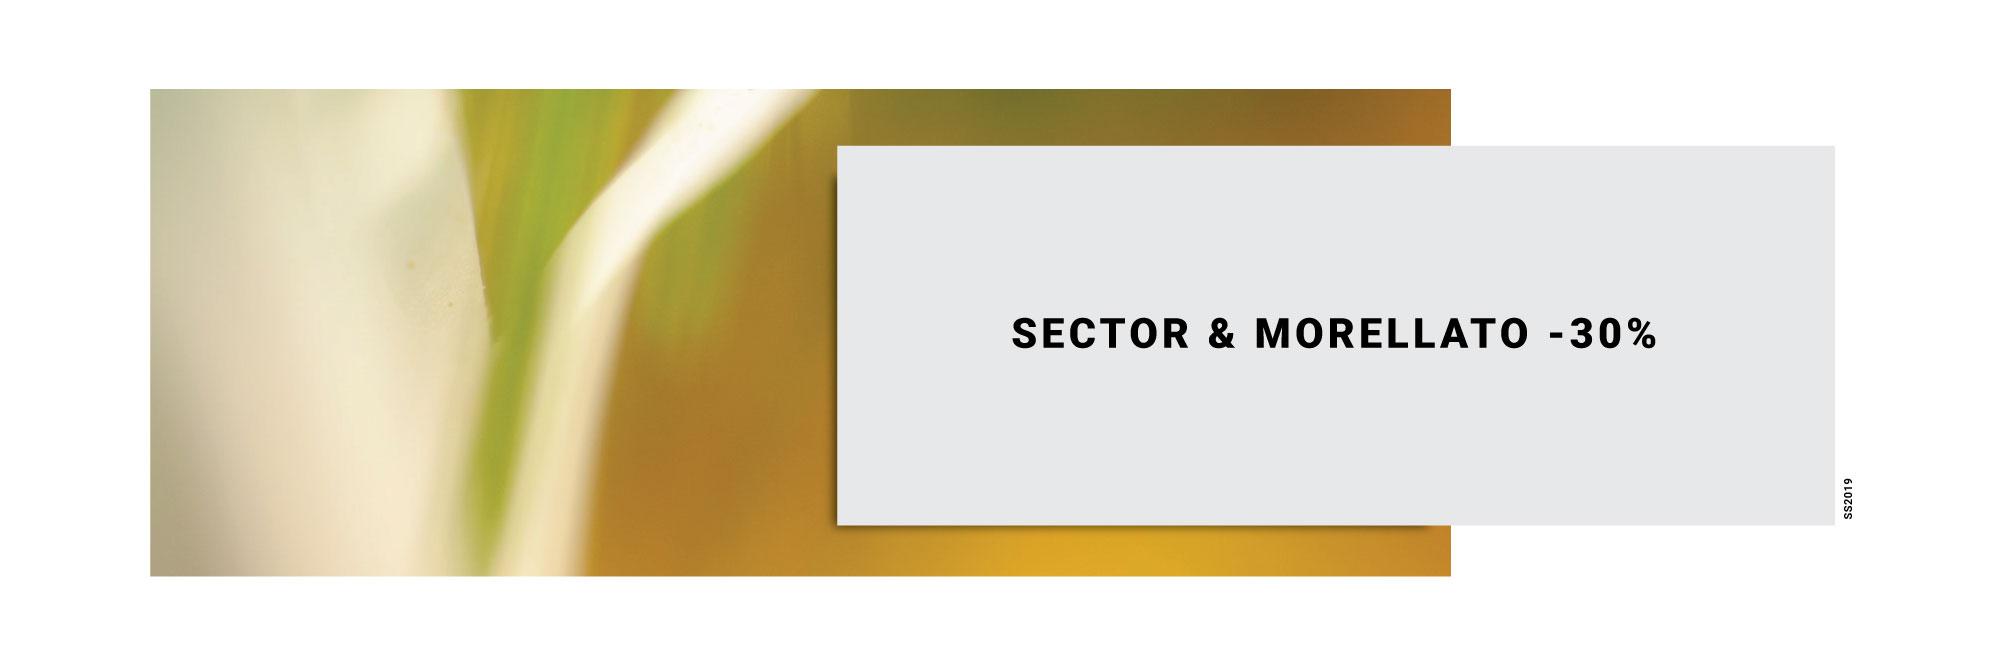 Акција Sector & Morellato -30%